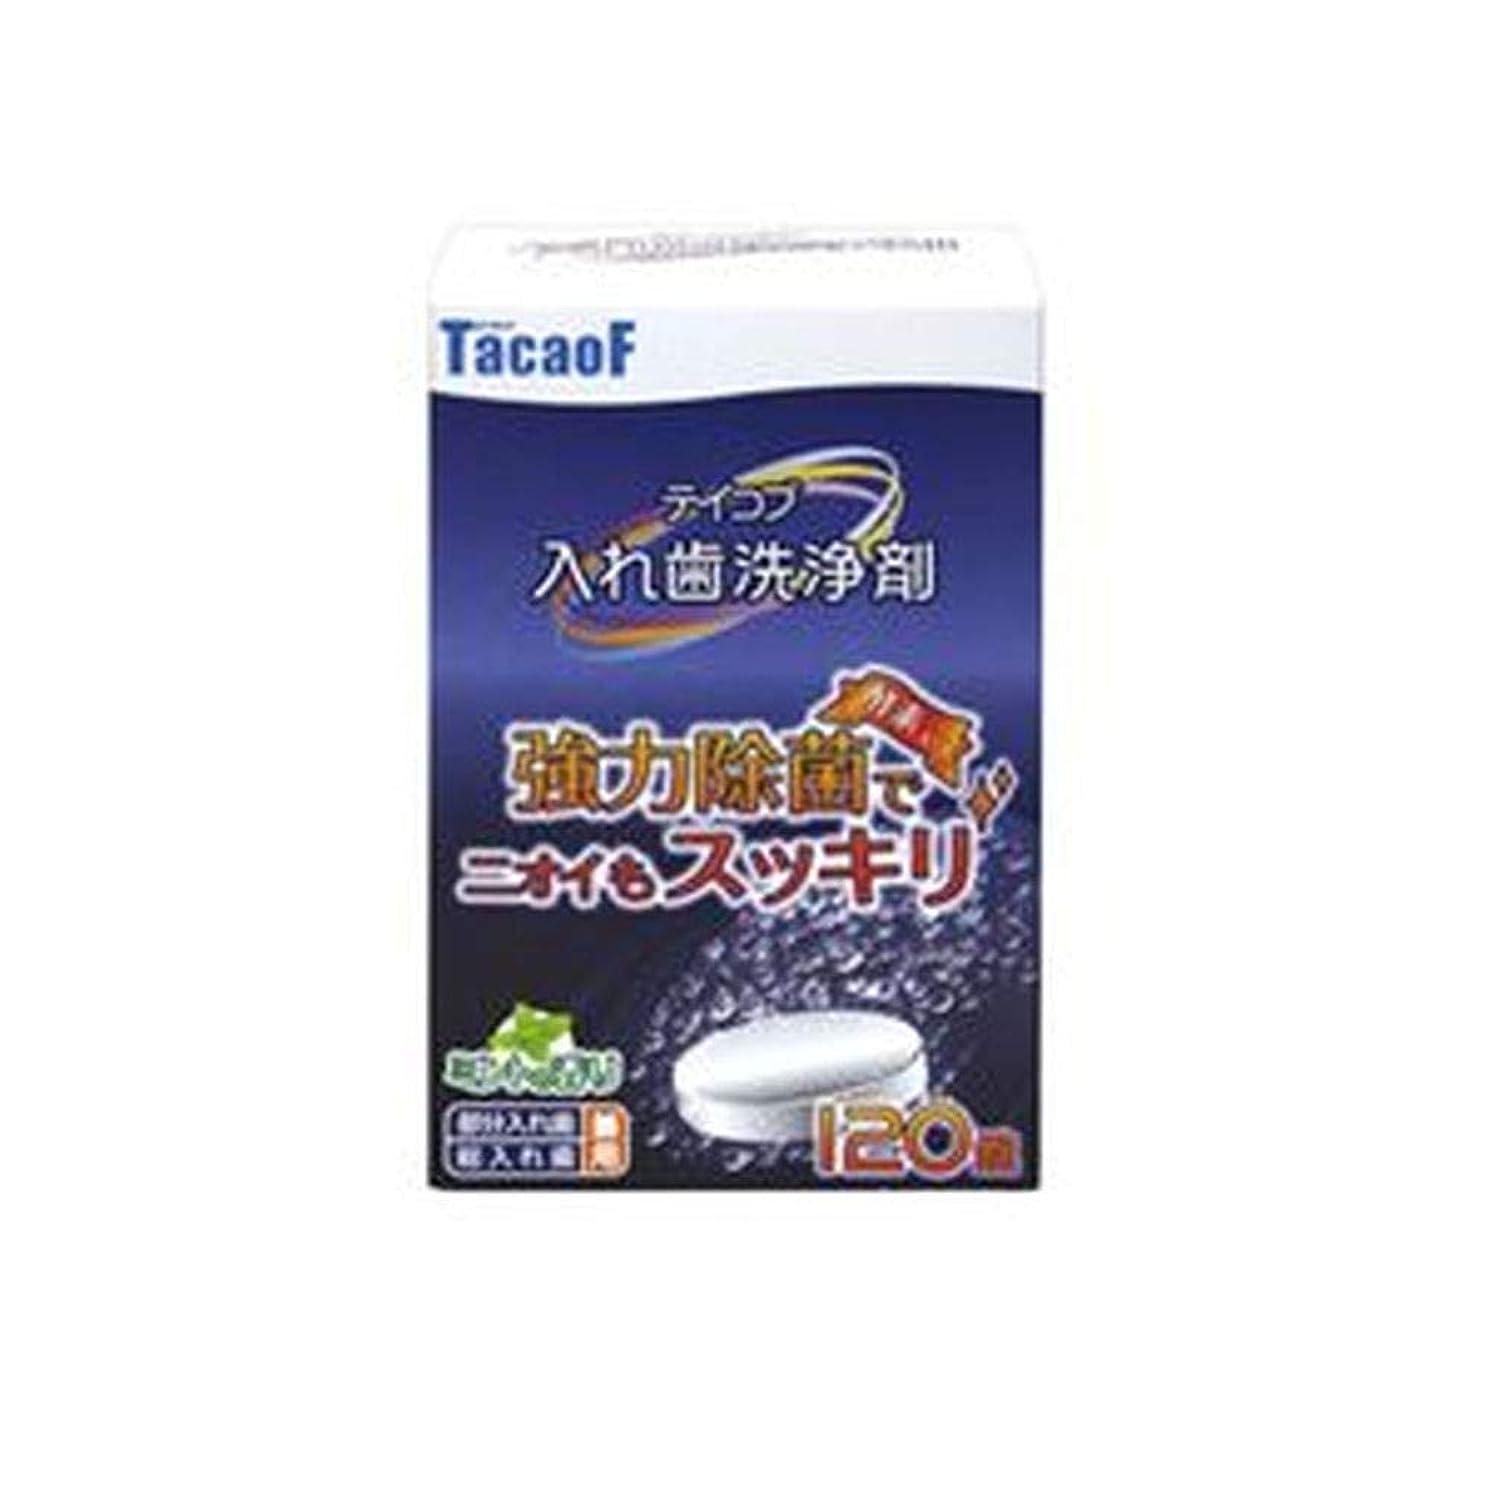 確認してくださいへこみ退却- まとめ - 幸和製作所/口腔ケア/テイコブ入れ歯洗浄剤 / KC01 - ×5セット -